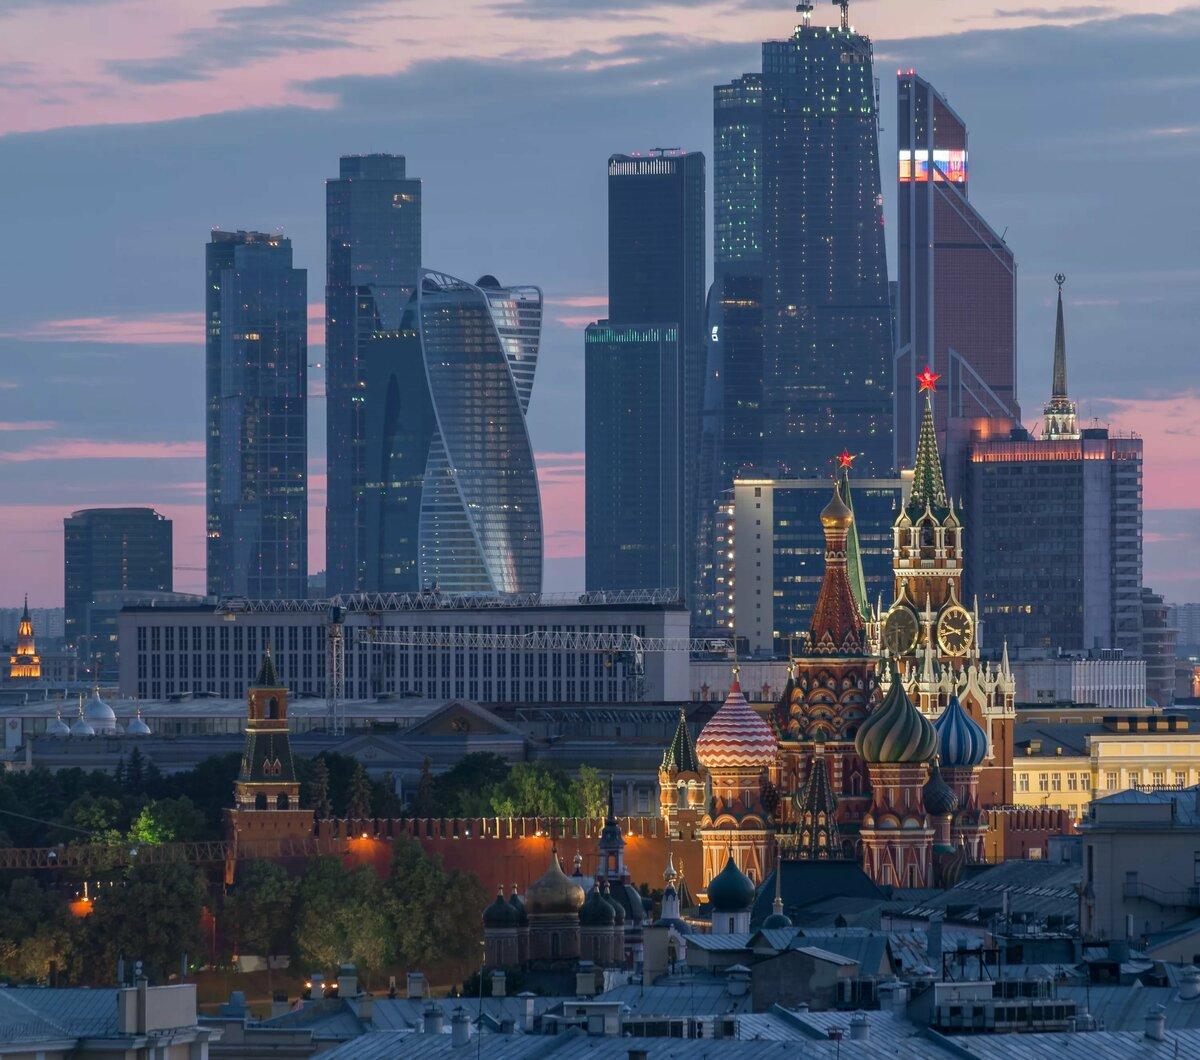 Москва-сити и древняя Москва. Наглядный пример отсутствия диалога исторических эпох